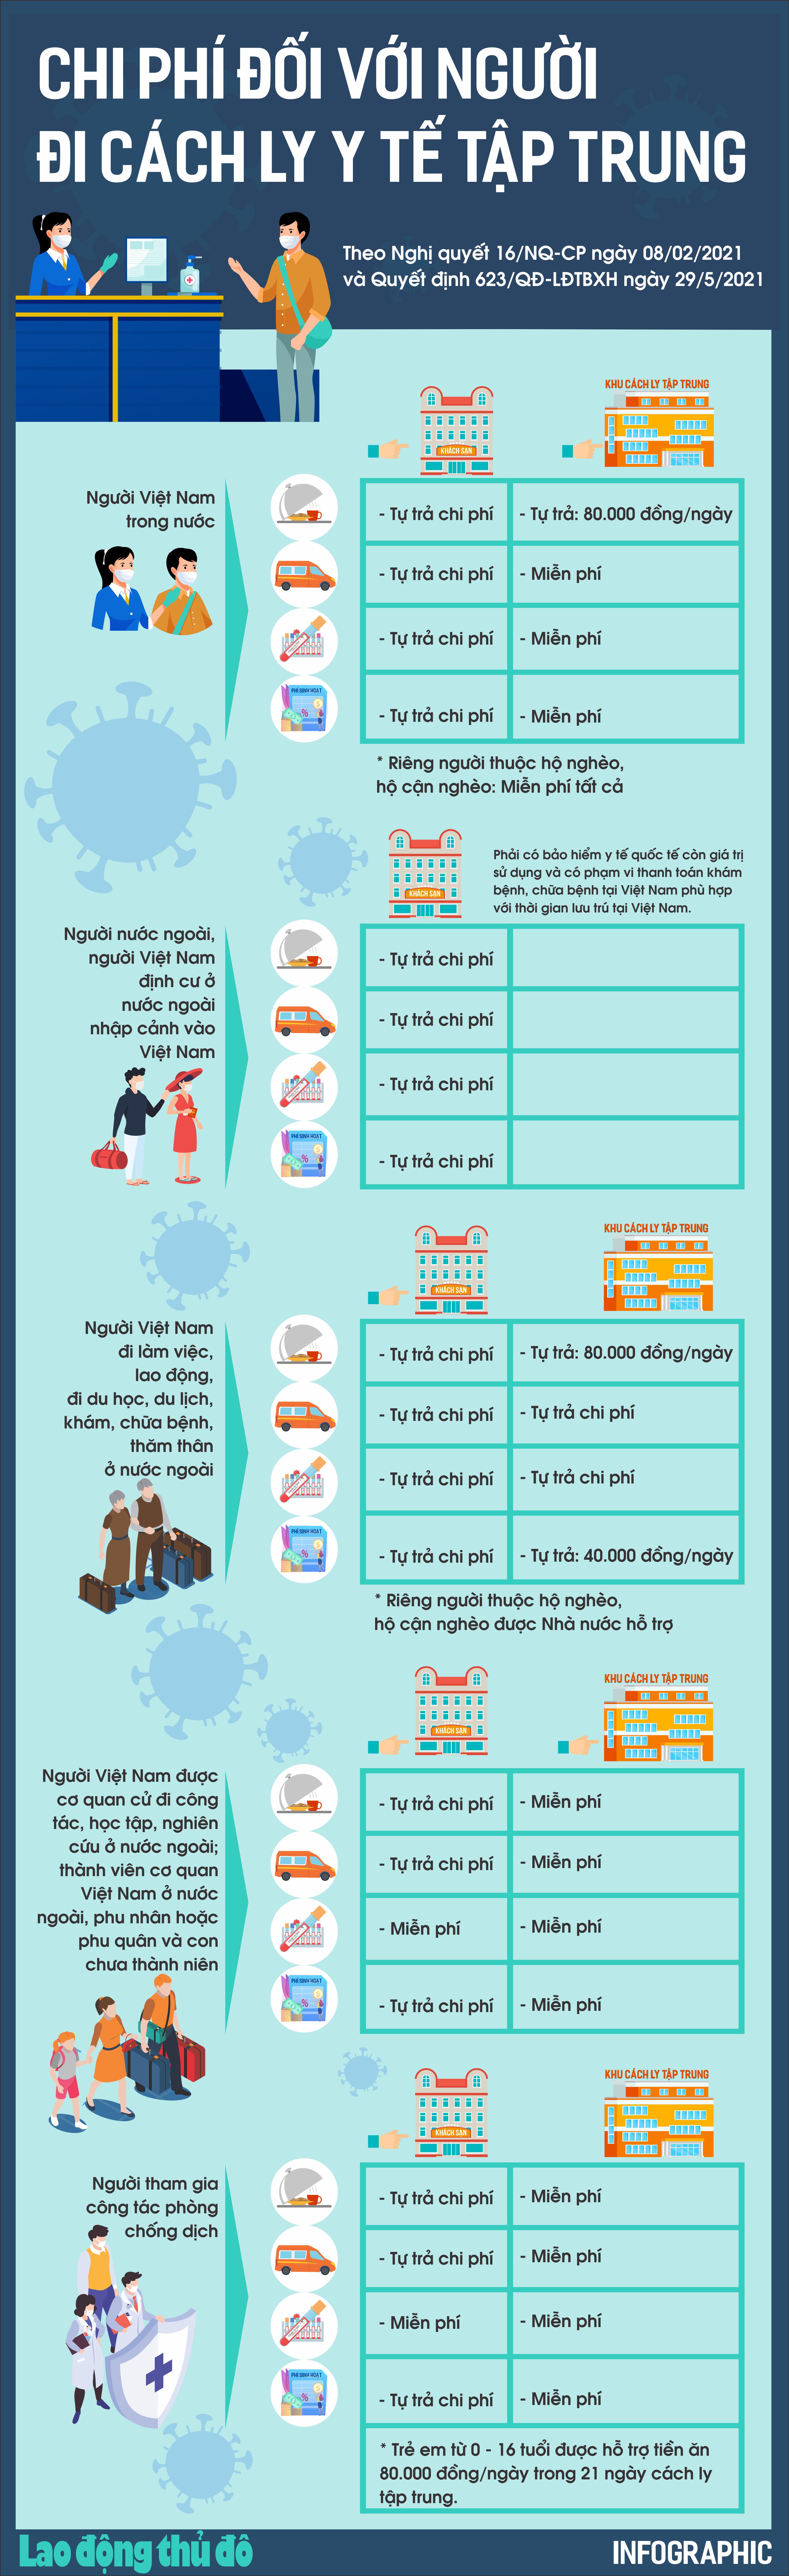 [Infographic] Chi phí cách ly đối với người đi cách ly y tế tập trung